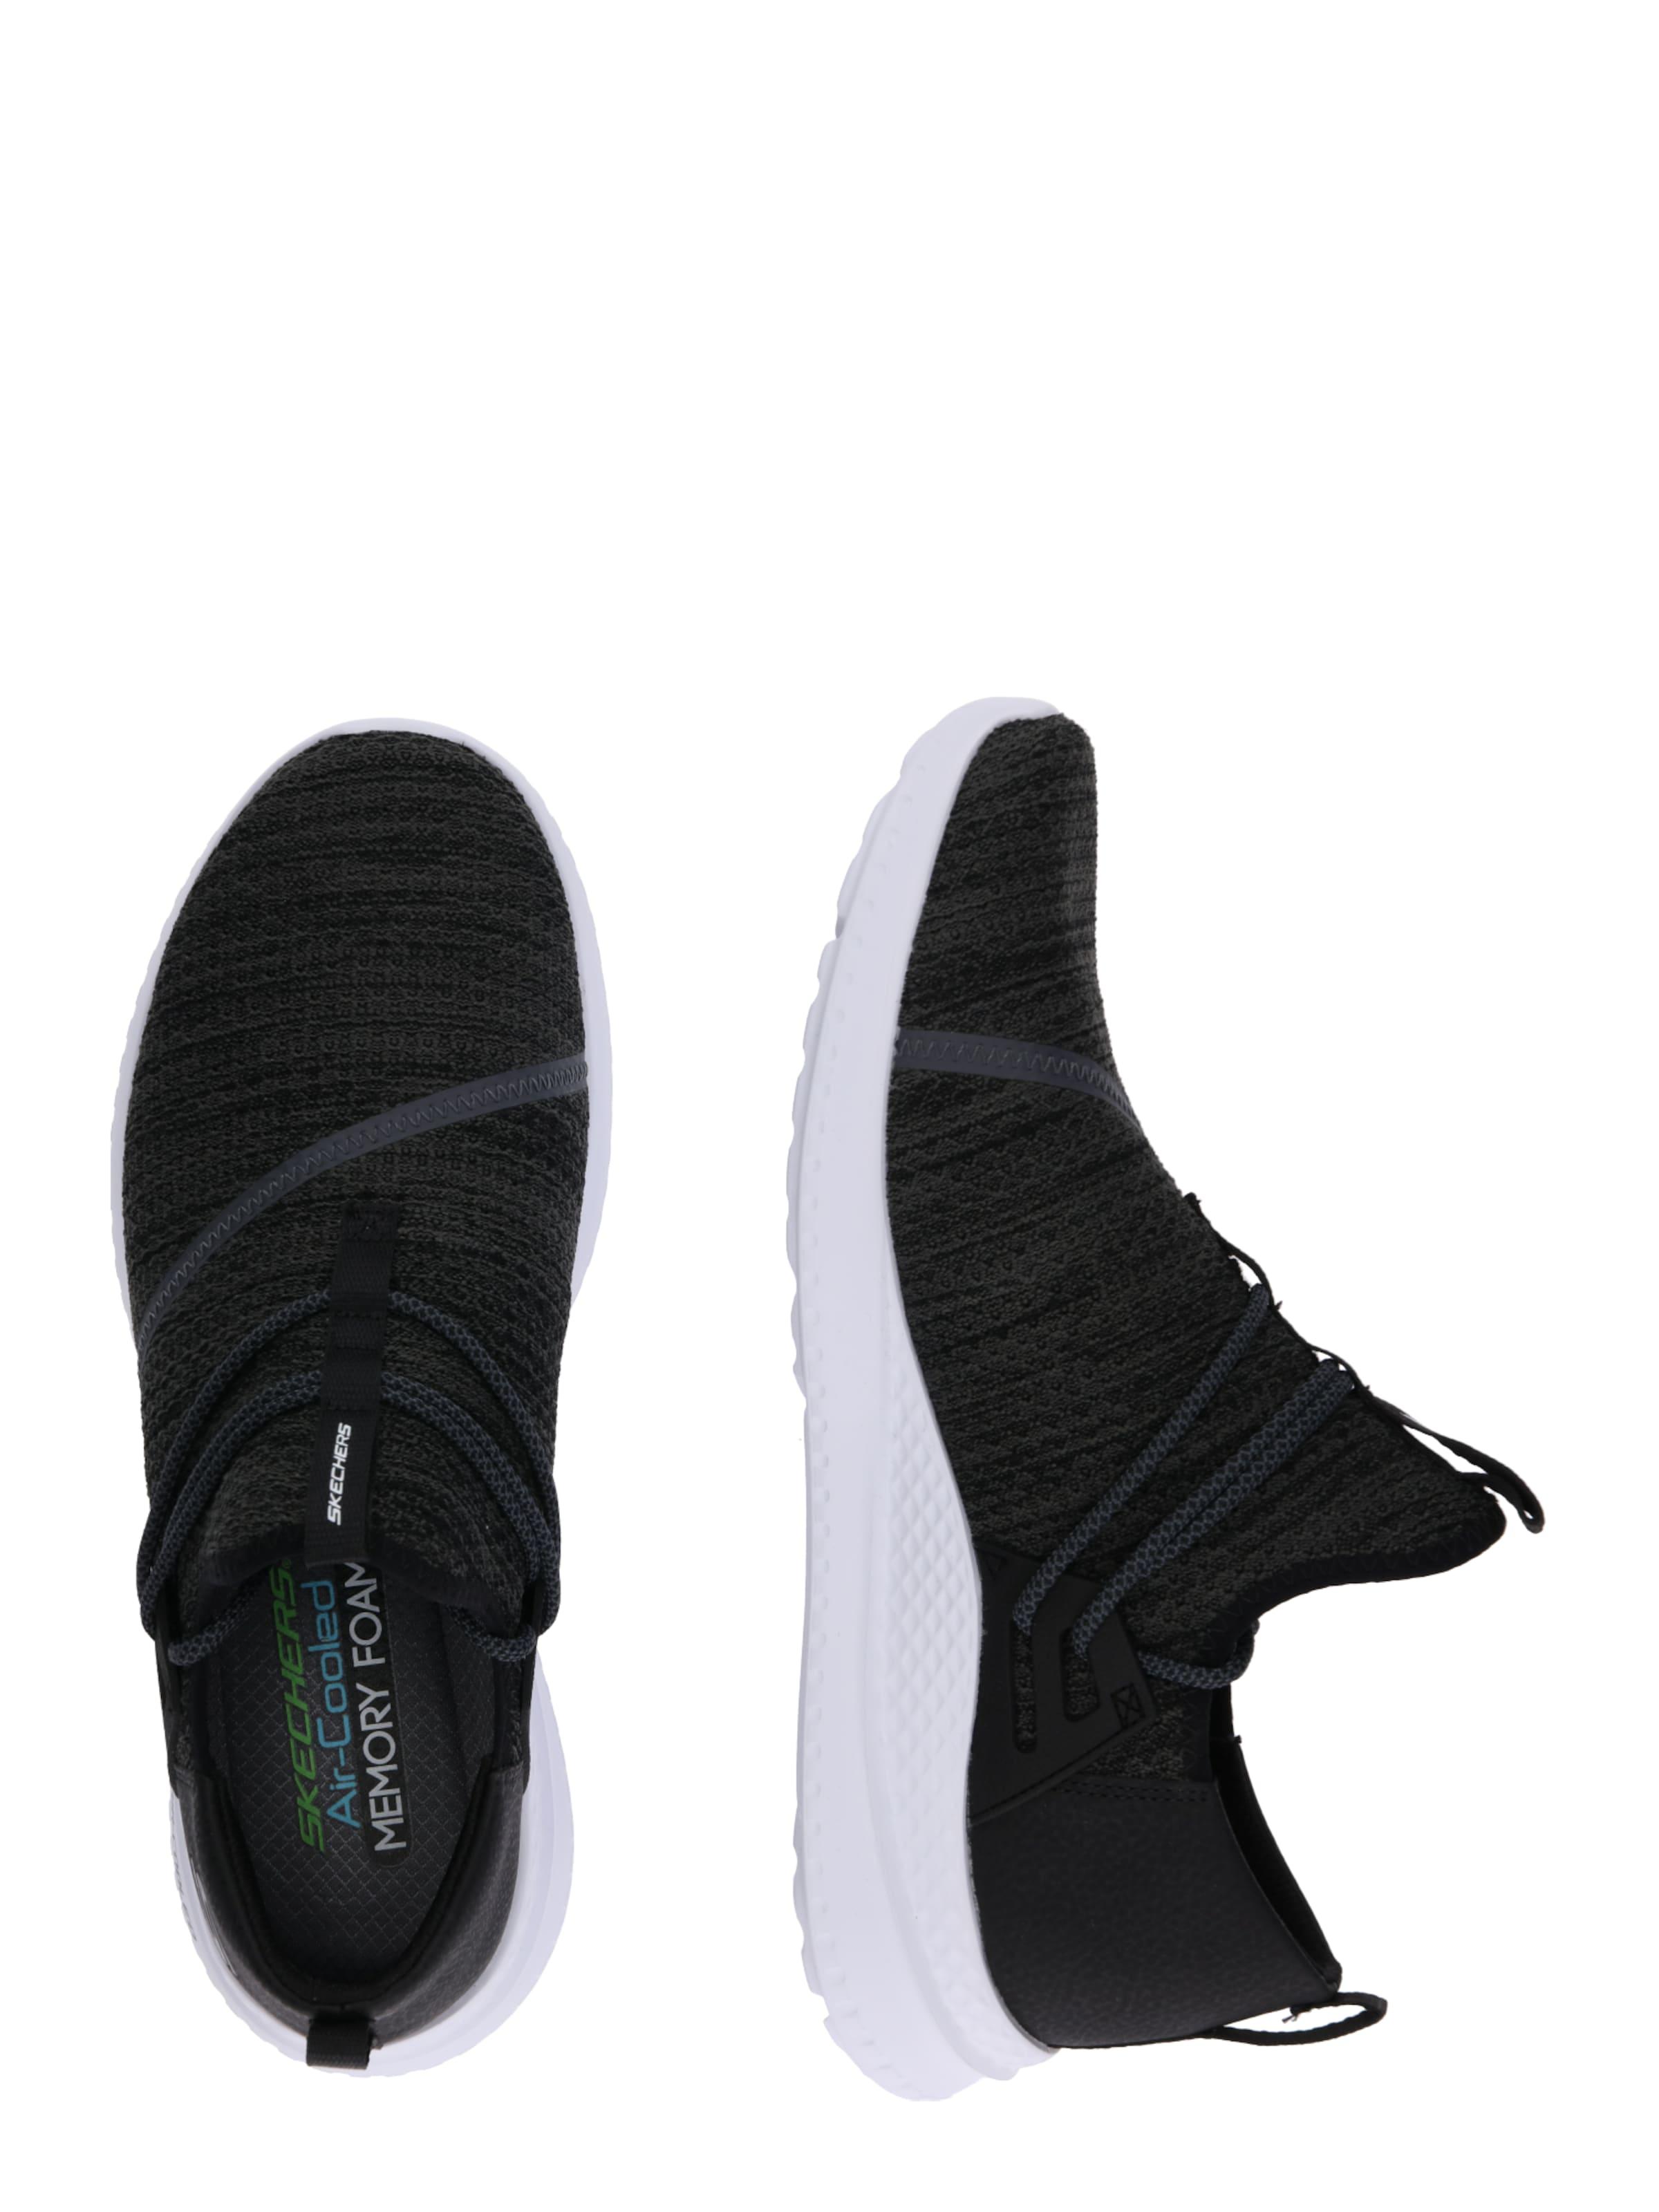 Skechers In SchwarzWeiß 'matera' Sneaker EIDWHYe92